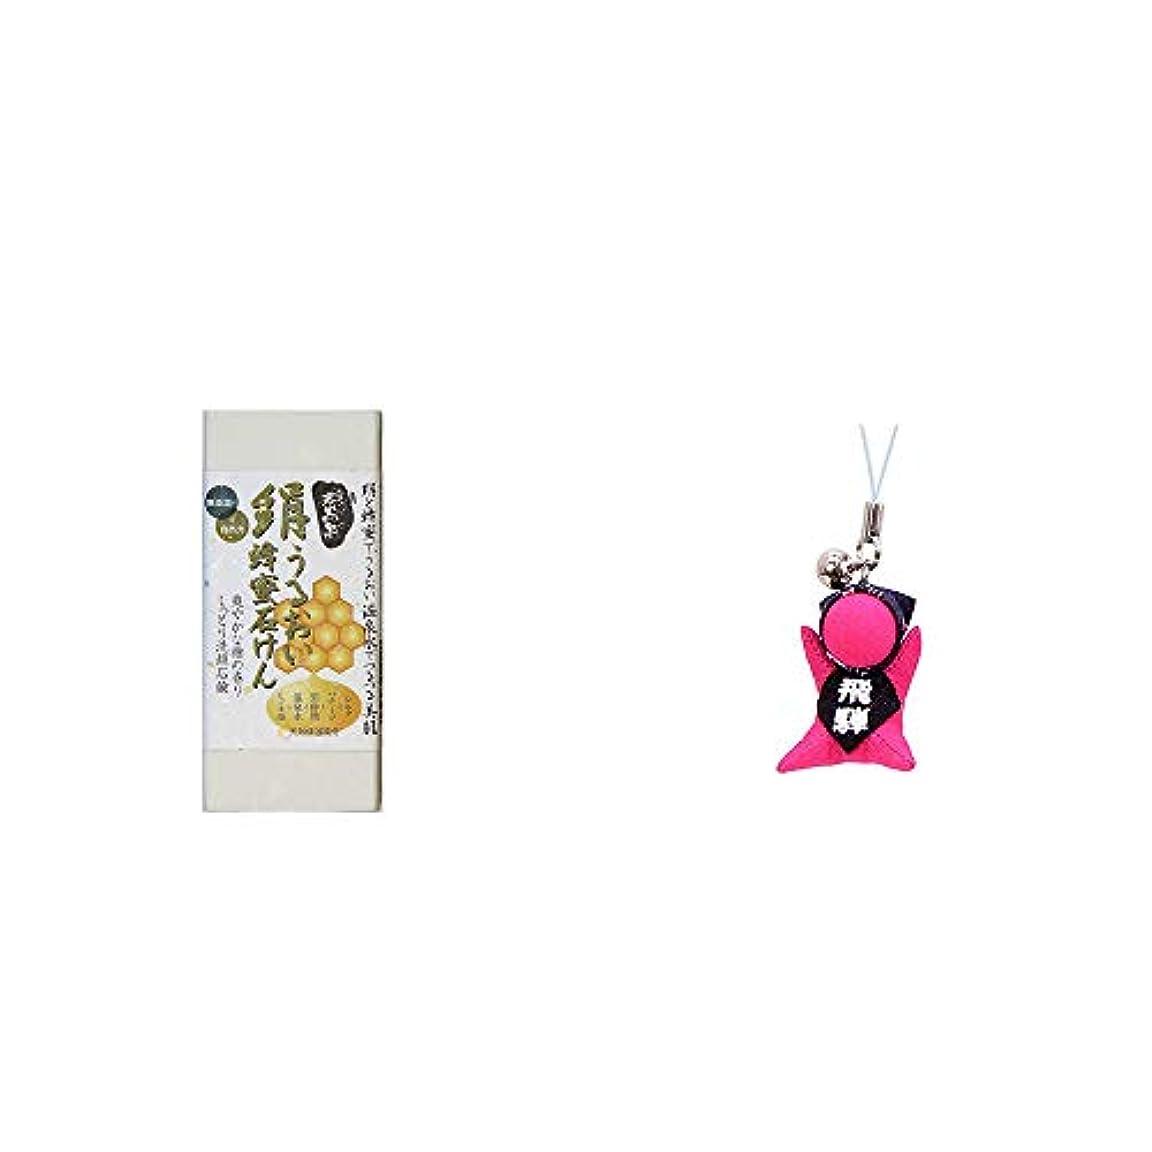 ディレクター労働発火する[2点セット] ひのき炭黒泉 絹うるおい蜂蜜石けん(75g×2)?さるぼぼ幸福ストラップ 【ピンク】 / 風水カラー全9種類 縁結び?恋愛(出会い) お守り//